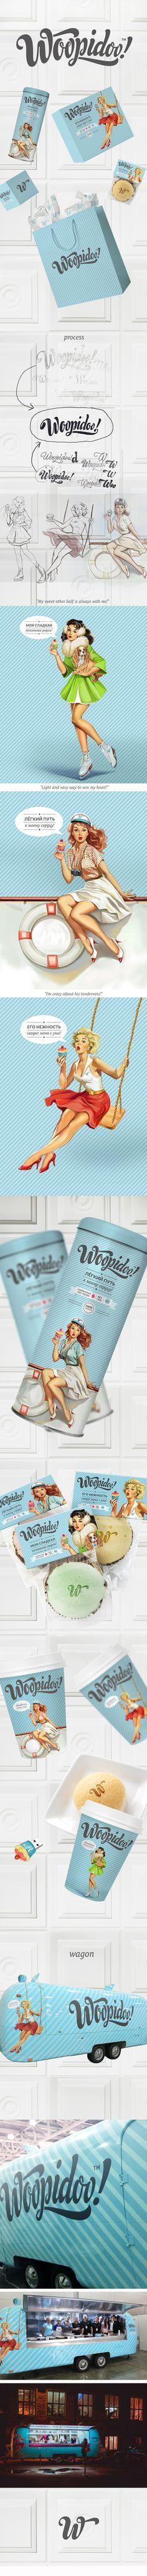 Pretty packagin! Woopidoo pin-up packaging